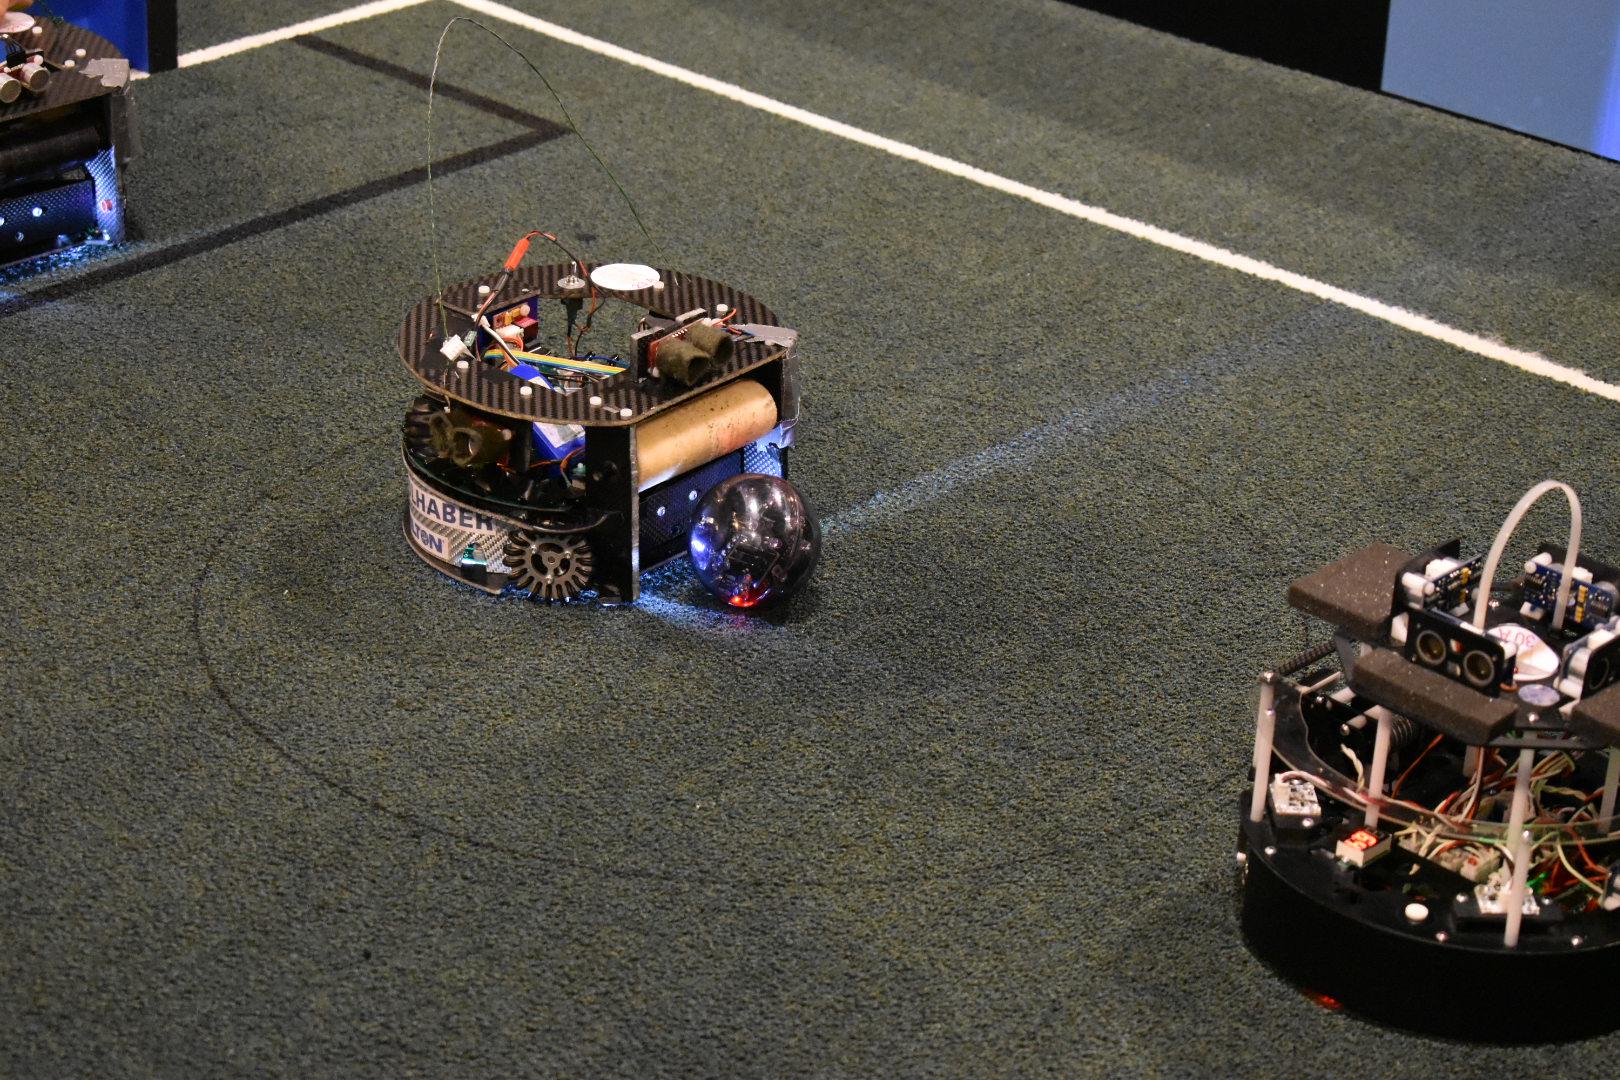 Unser Roboter kurz vor dem Anspiel